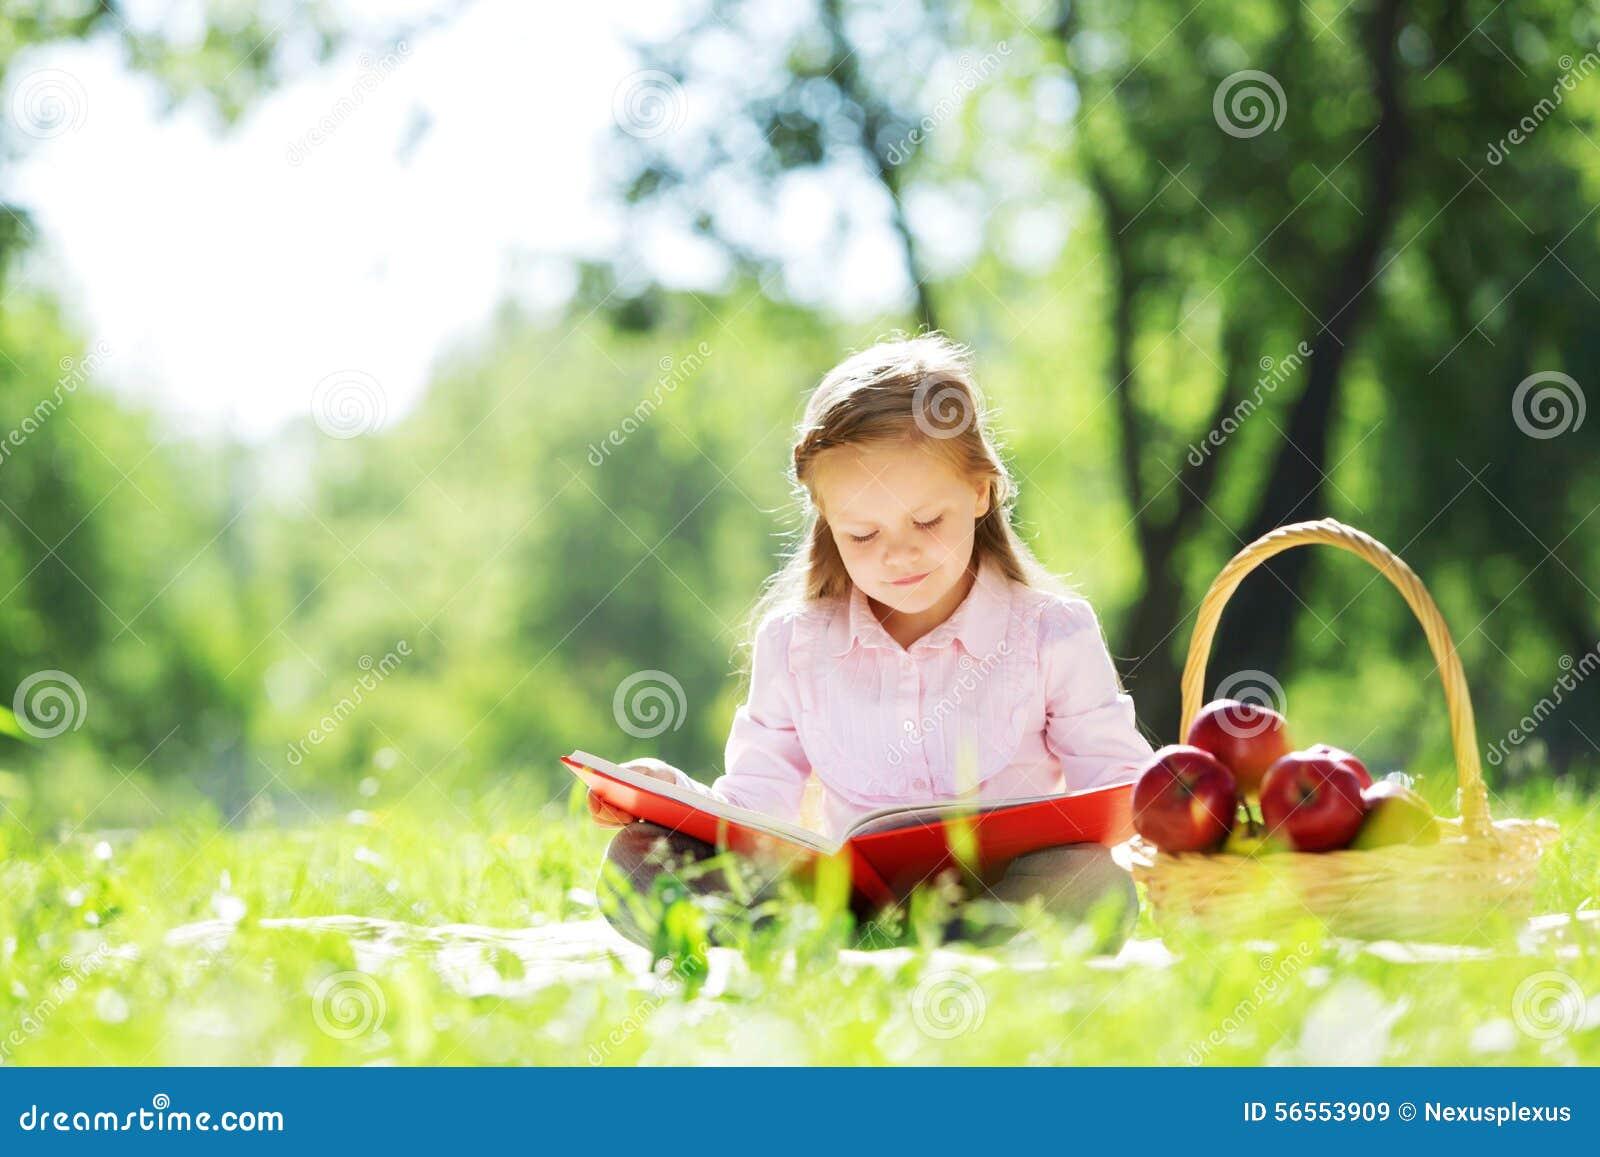 Download Κορίτσι στο πάρκο στοκ εικόνα. εικόνα από juicy, θηλυκό - 56553909